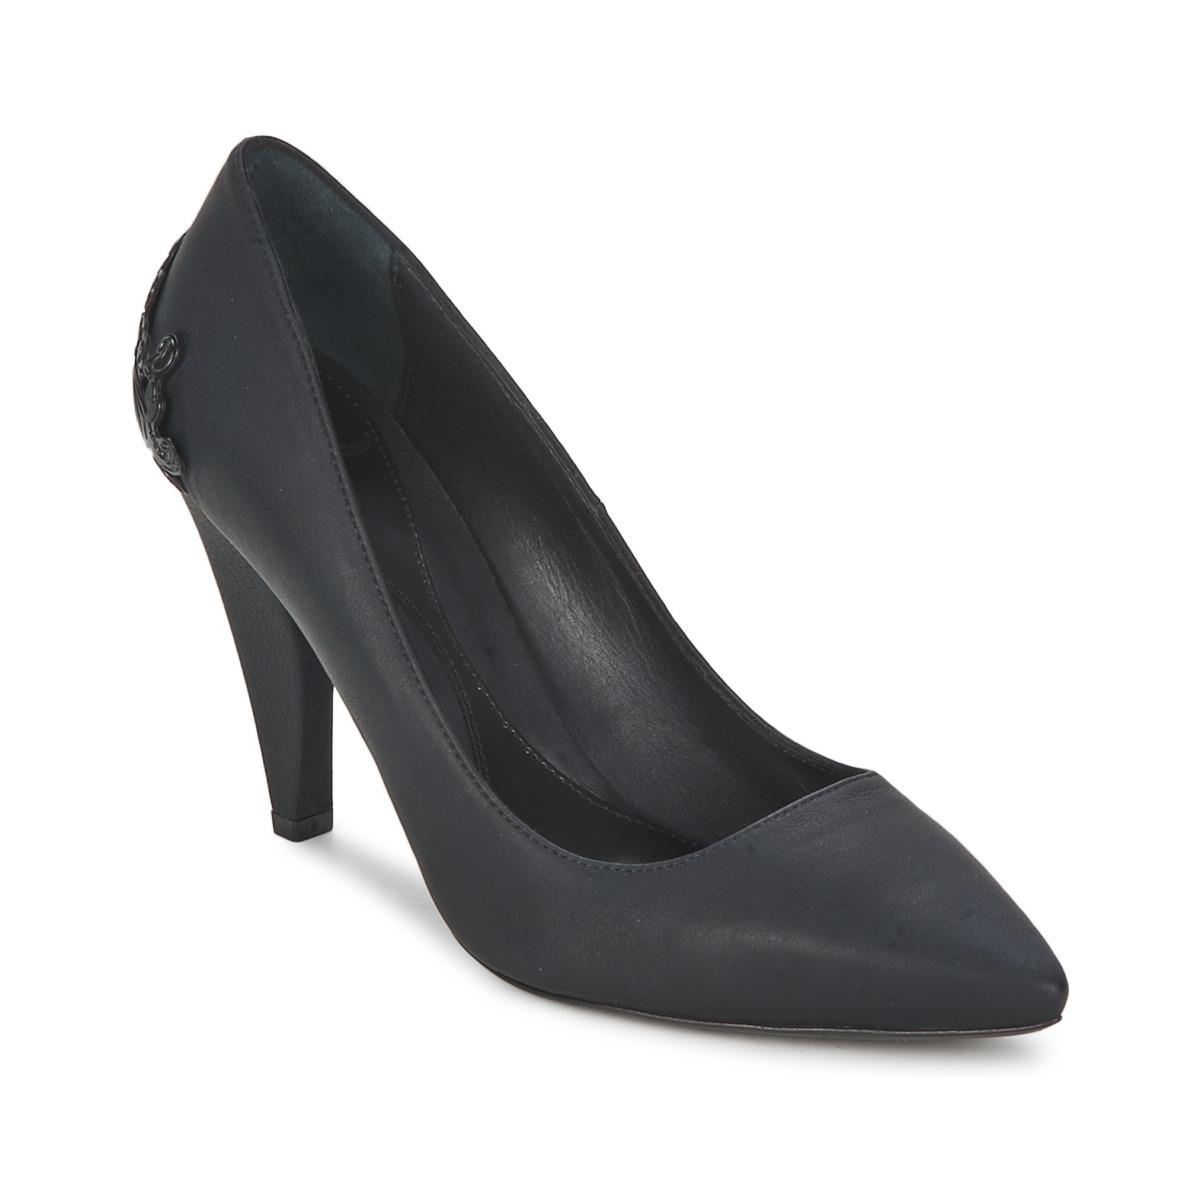 Χαμηλά παπούτσια McQ Alexander McQueen 336523 Black